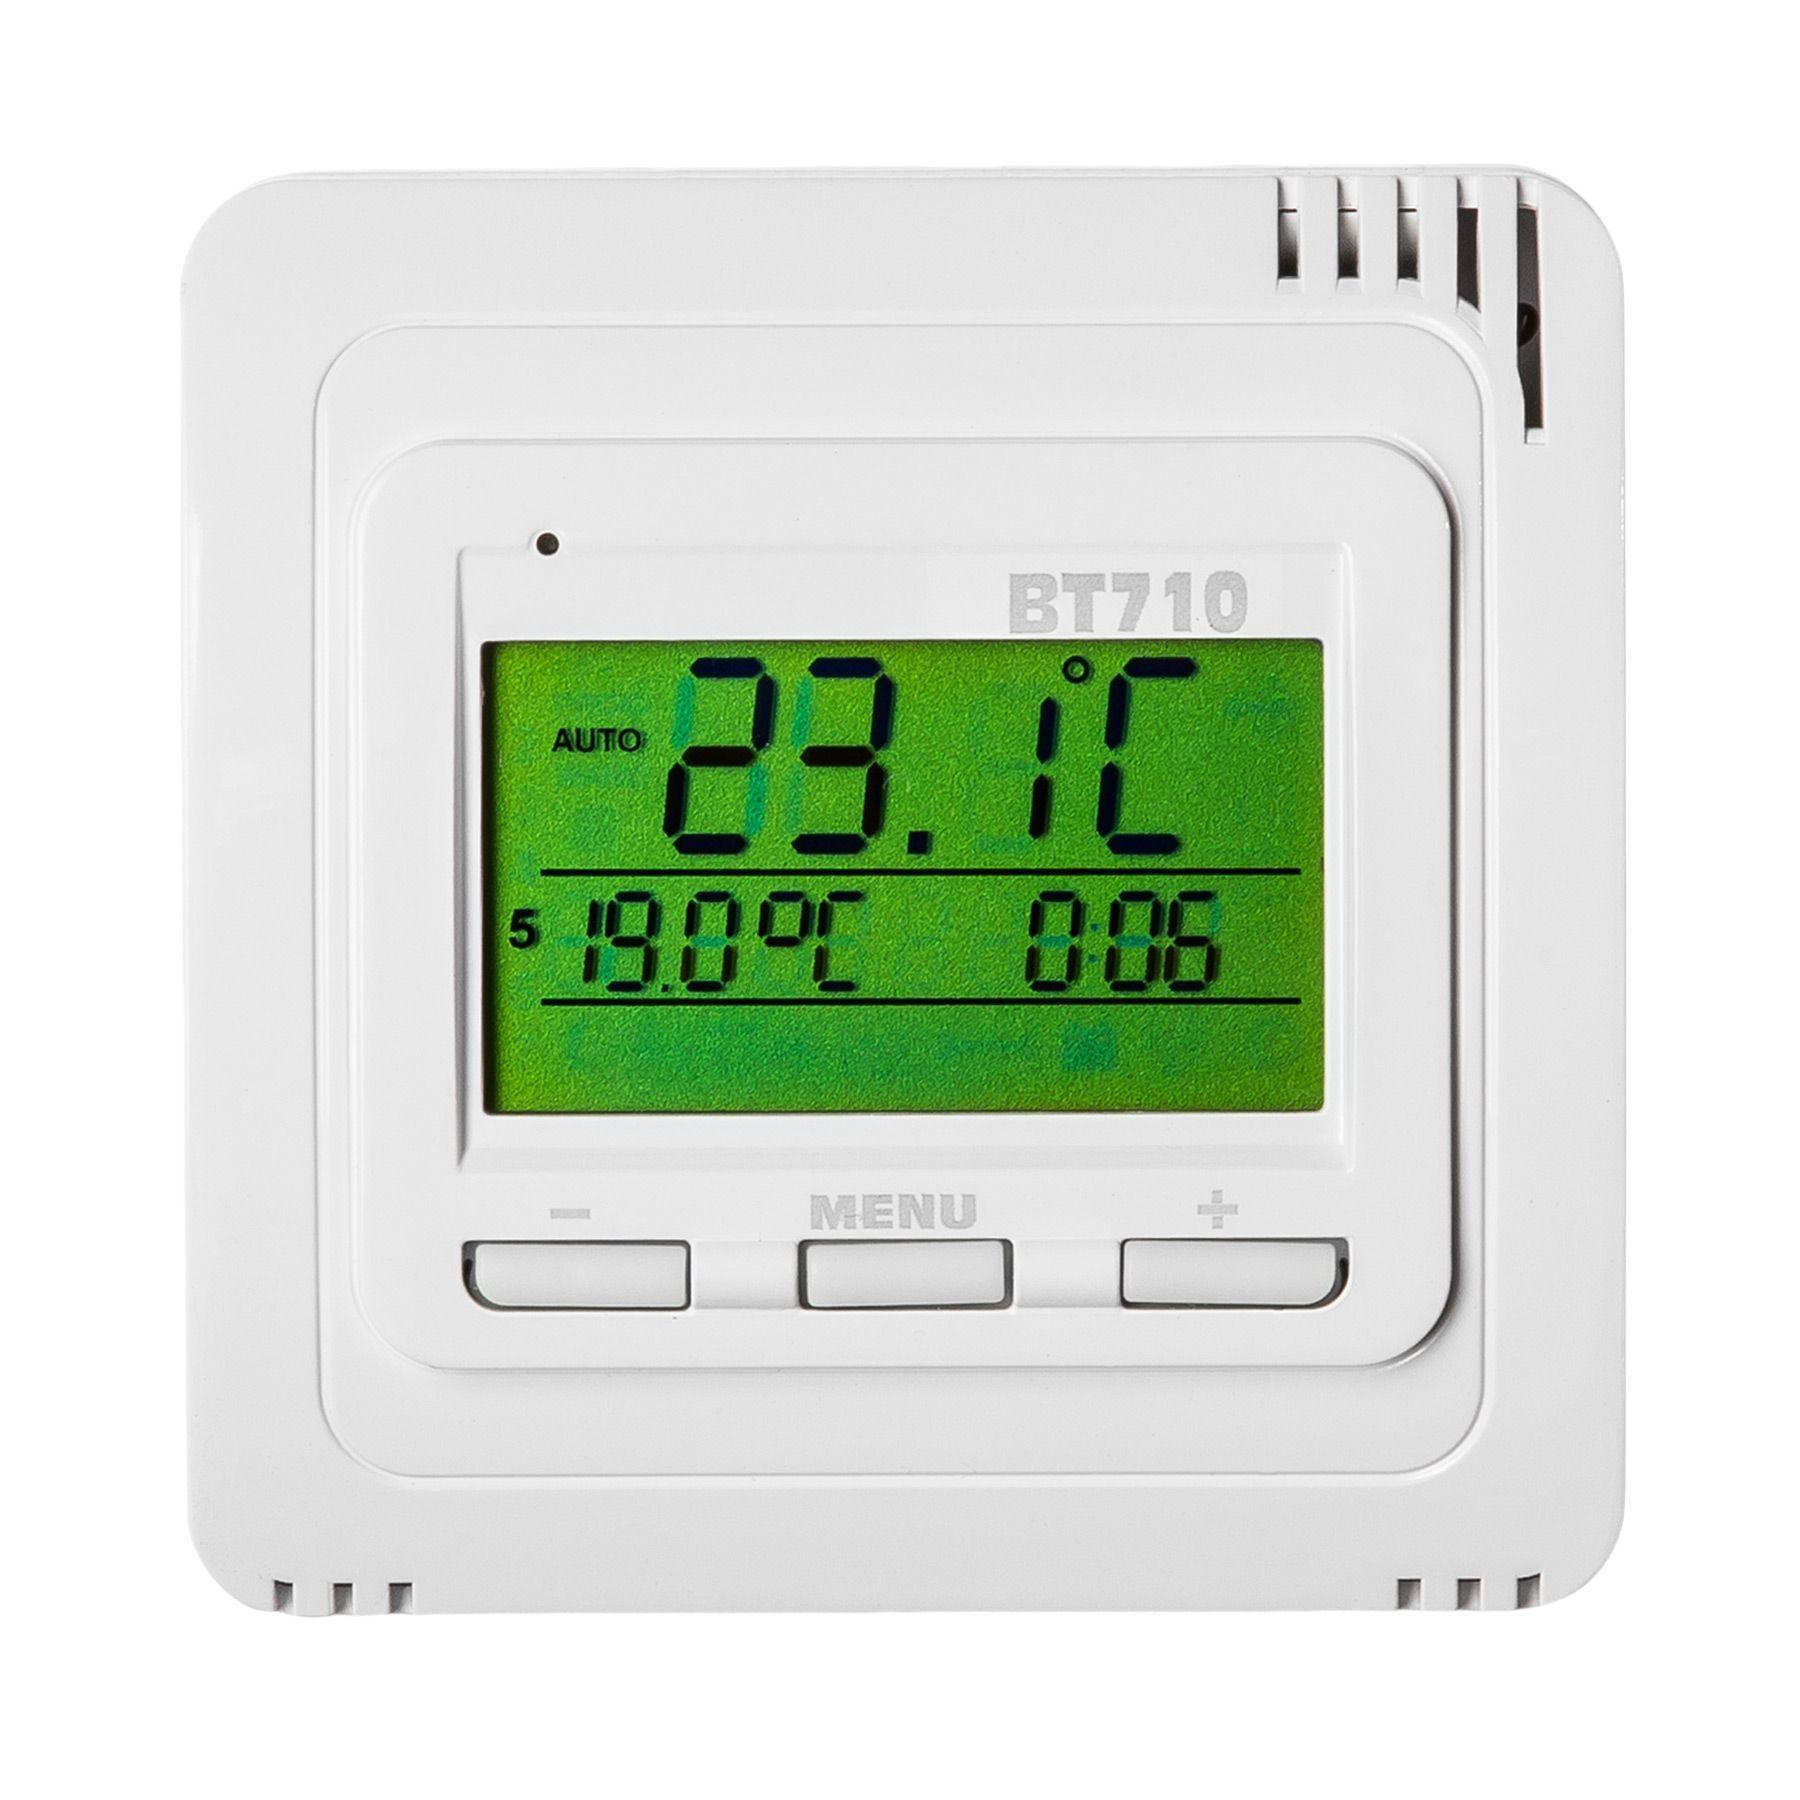 Thermostat Raumthermostat Unterputz Funkempf/änger Steckdose f/ür Infrarotheizung diverse Modelle Unterputz | Nr. 401459